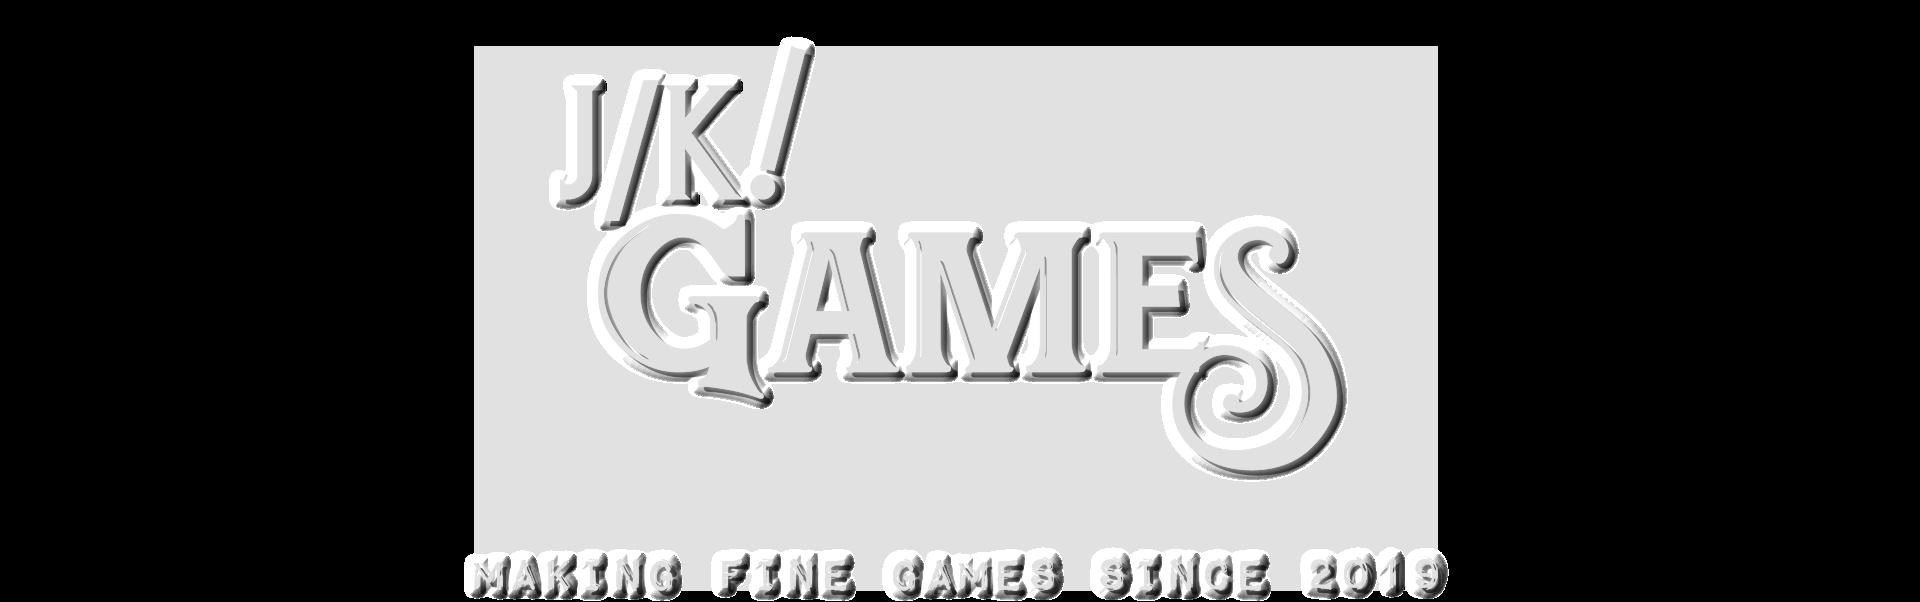 J/K Games! Making Fine Games Since 2019